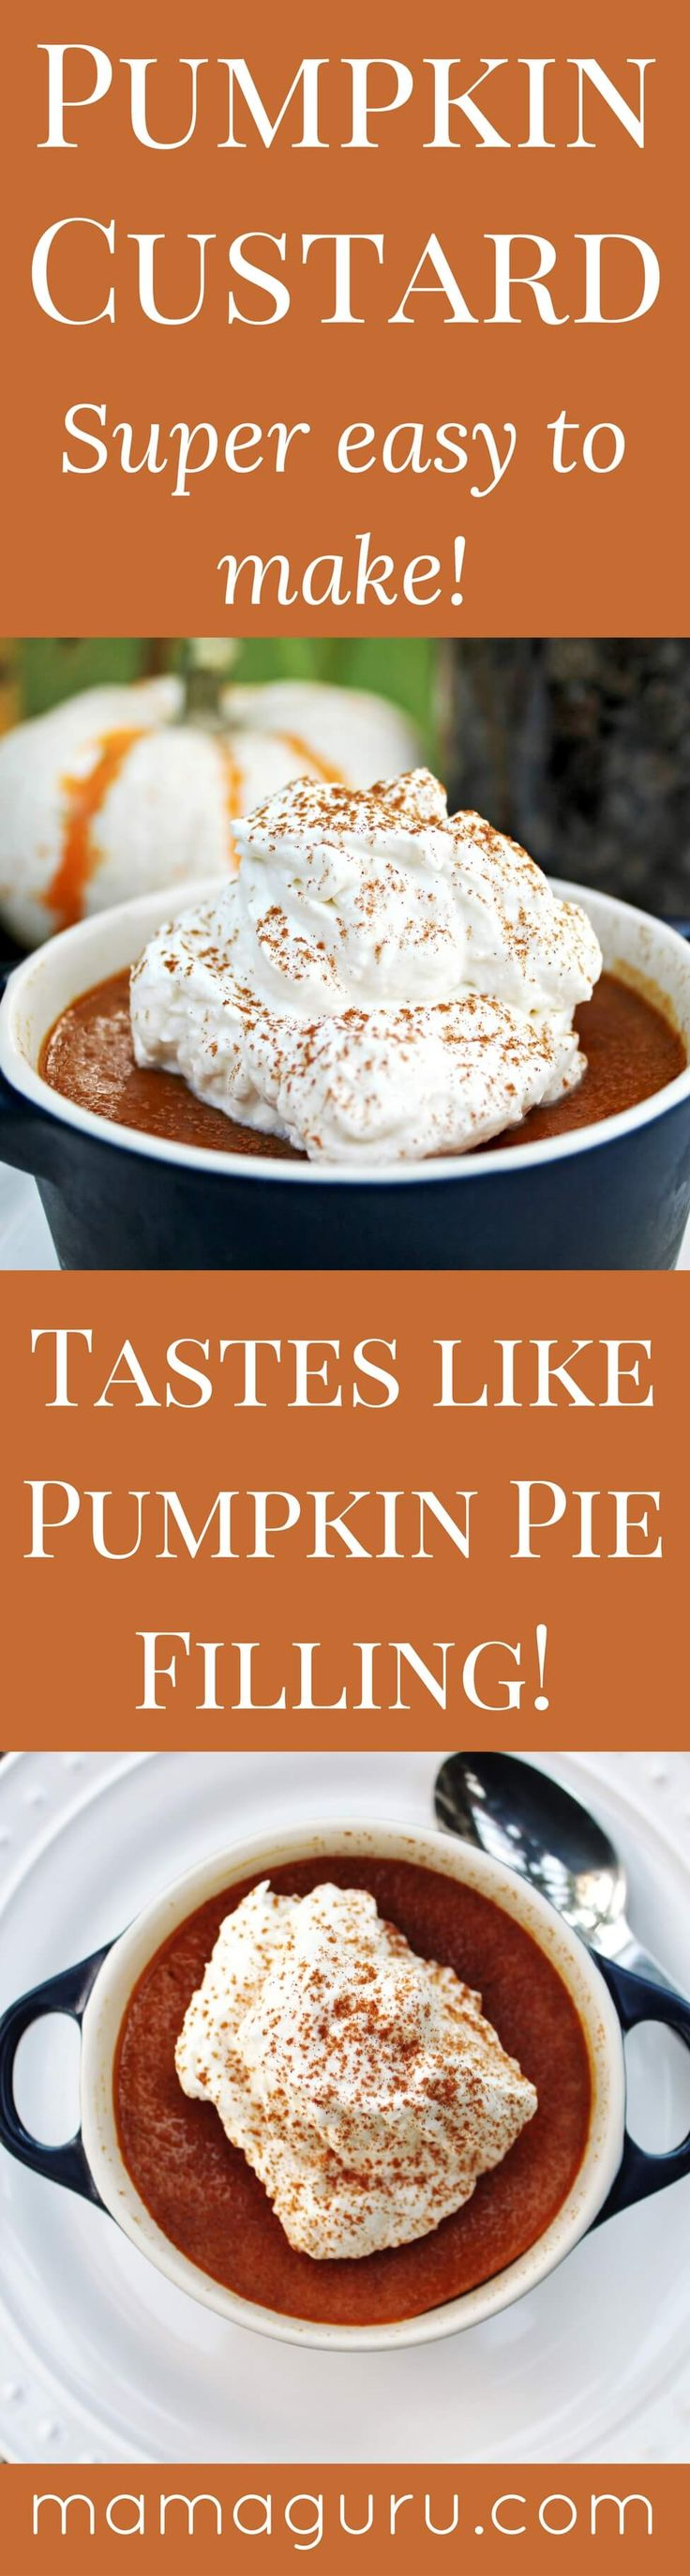 Pumpkin Custard • Thanksgiving Dessert